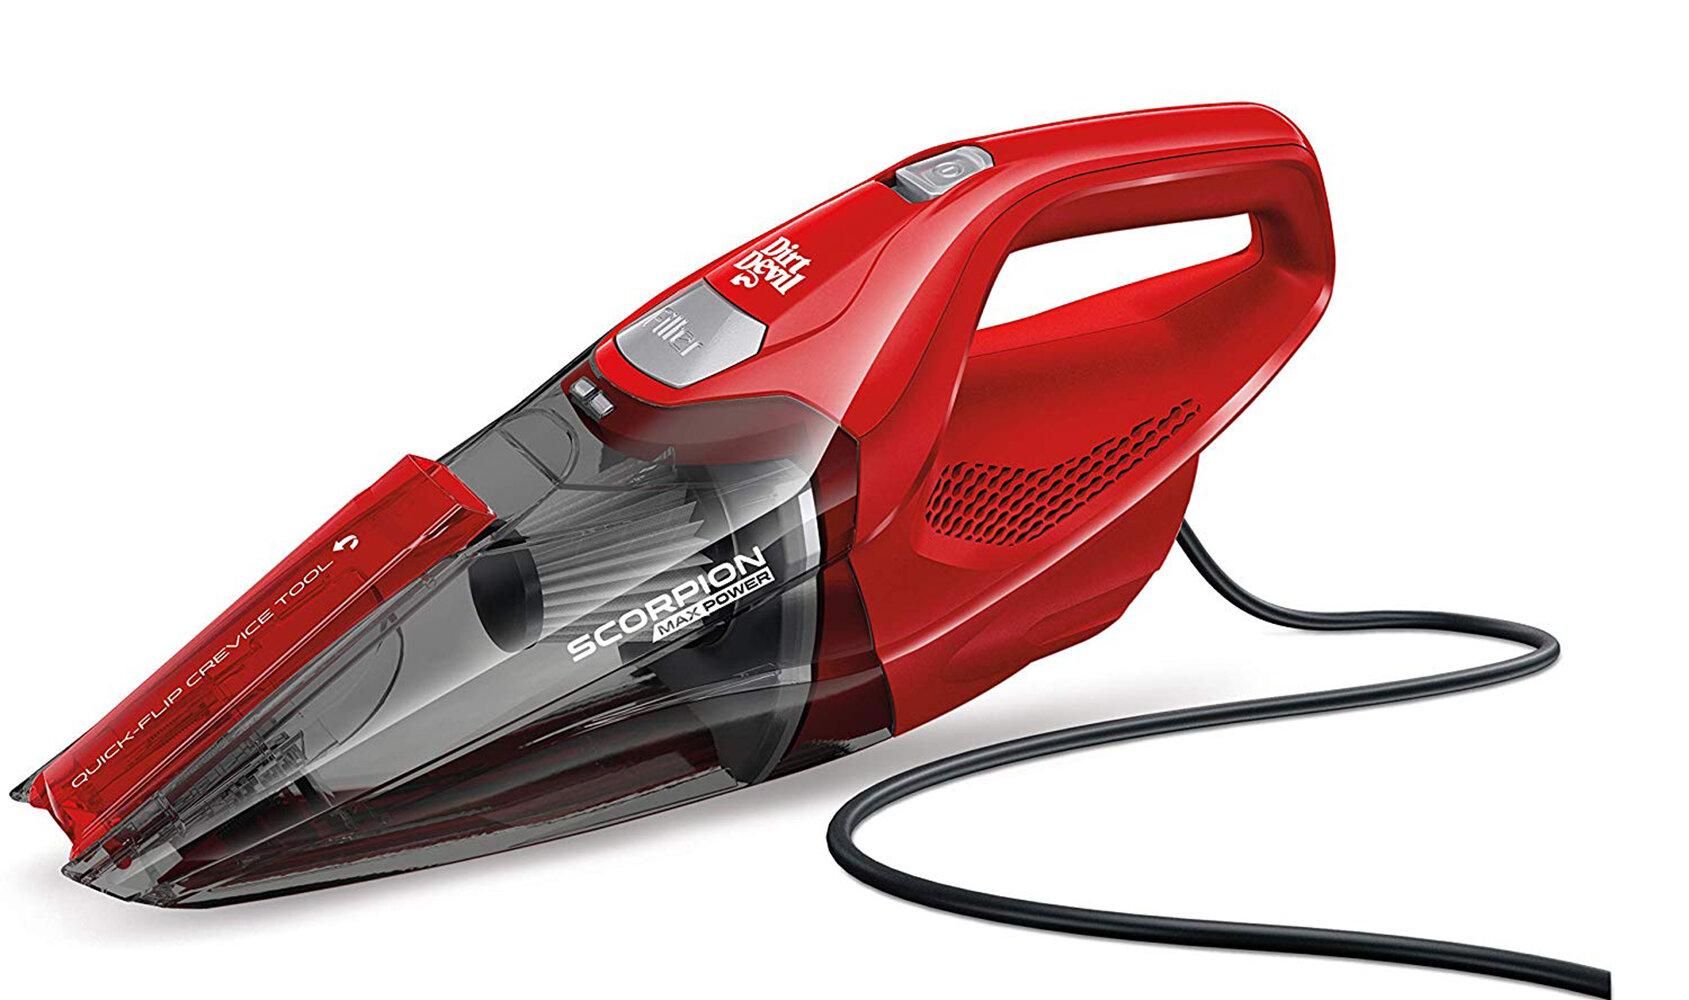 Dirt Devil Scorpion Quick-Flip Handheld Vacuum Cleaner